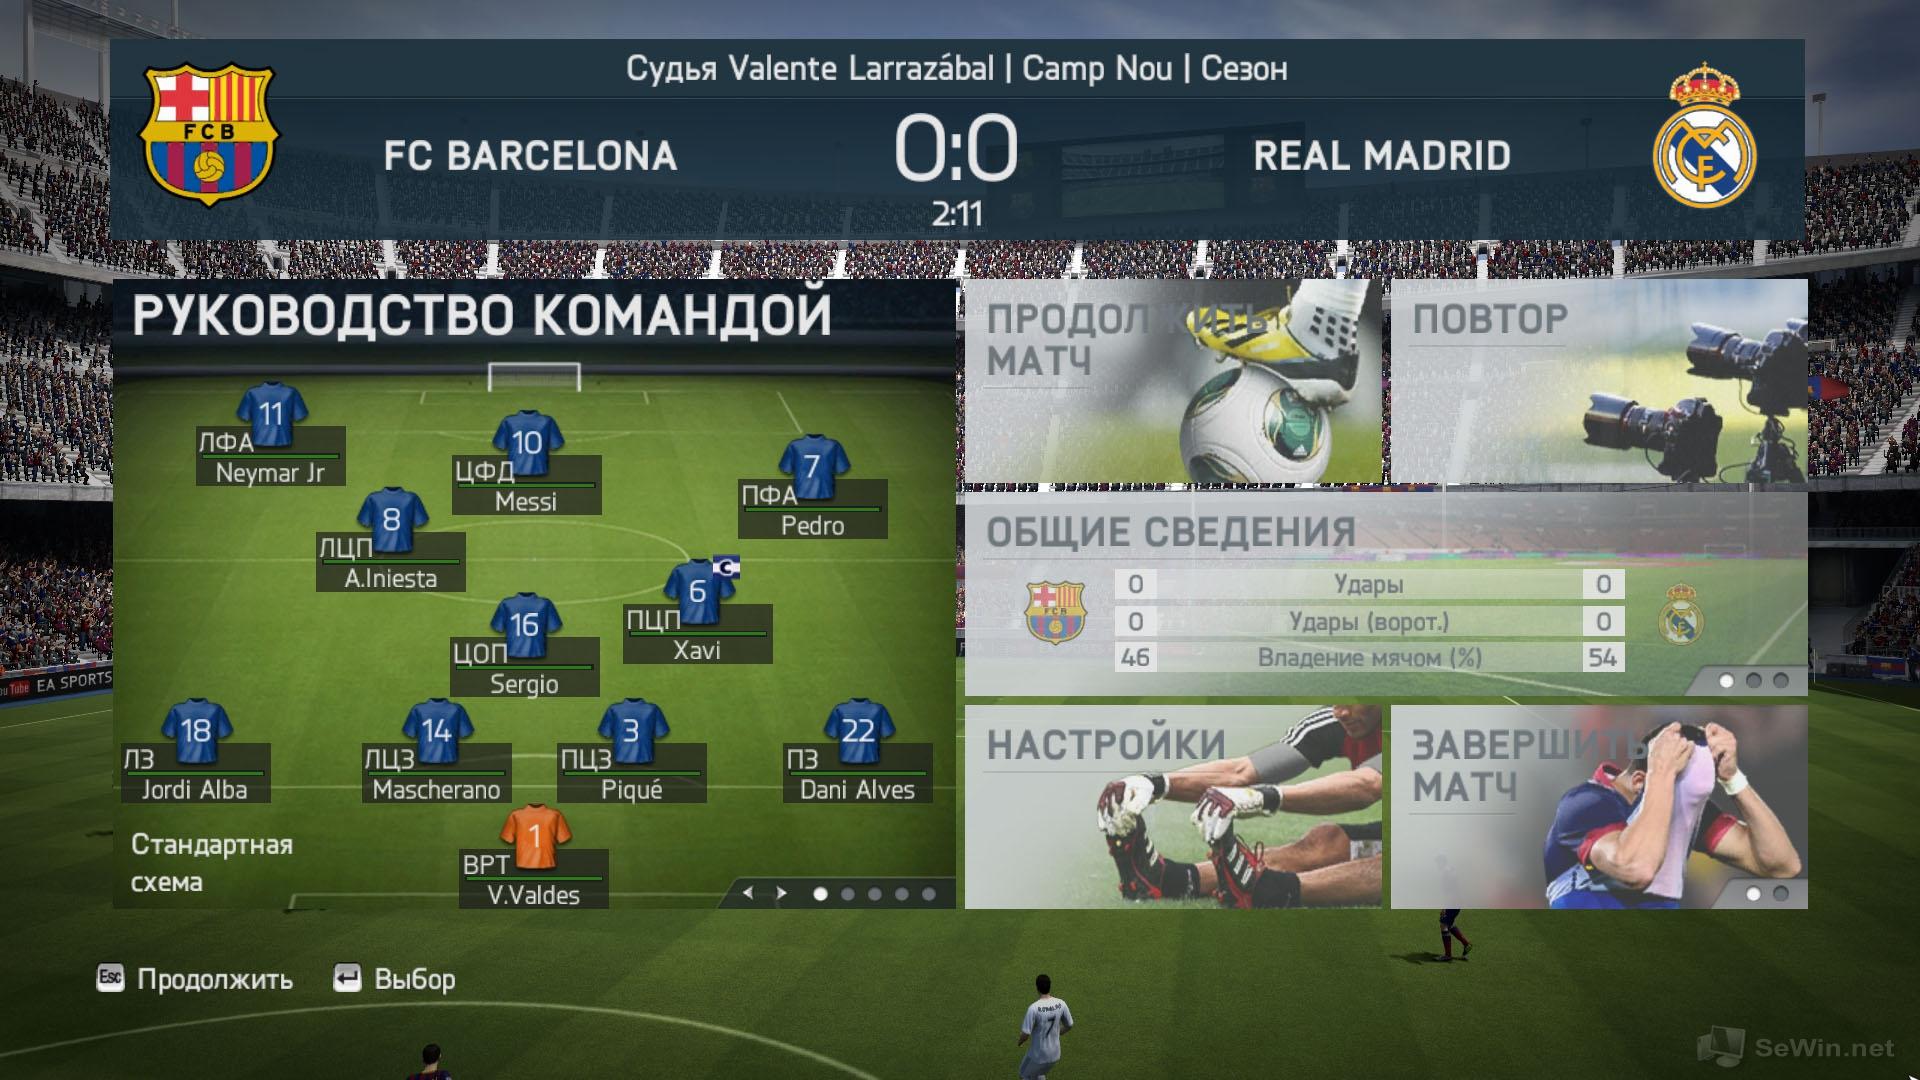 Скачать футбол 14 бесплатно на компьютер